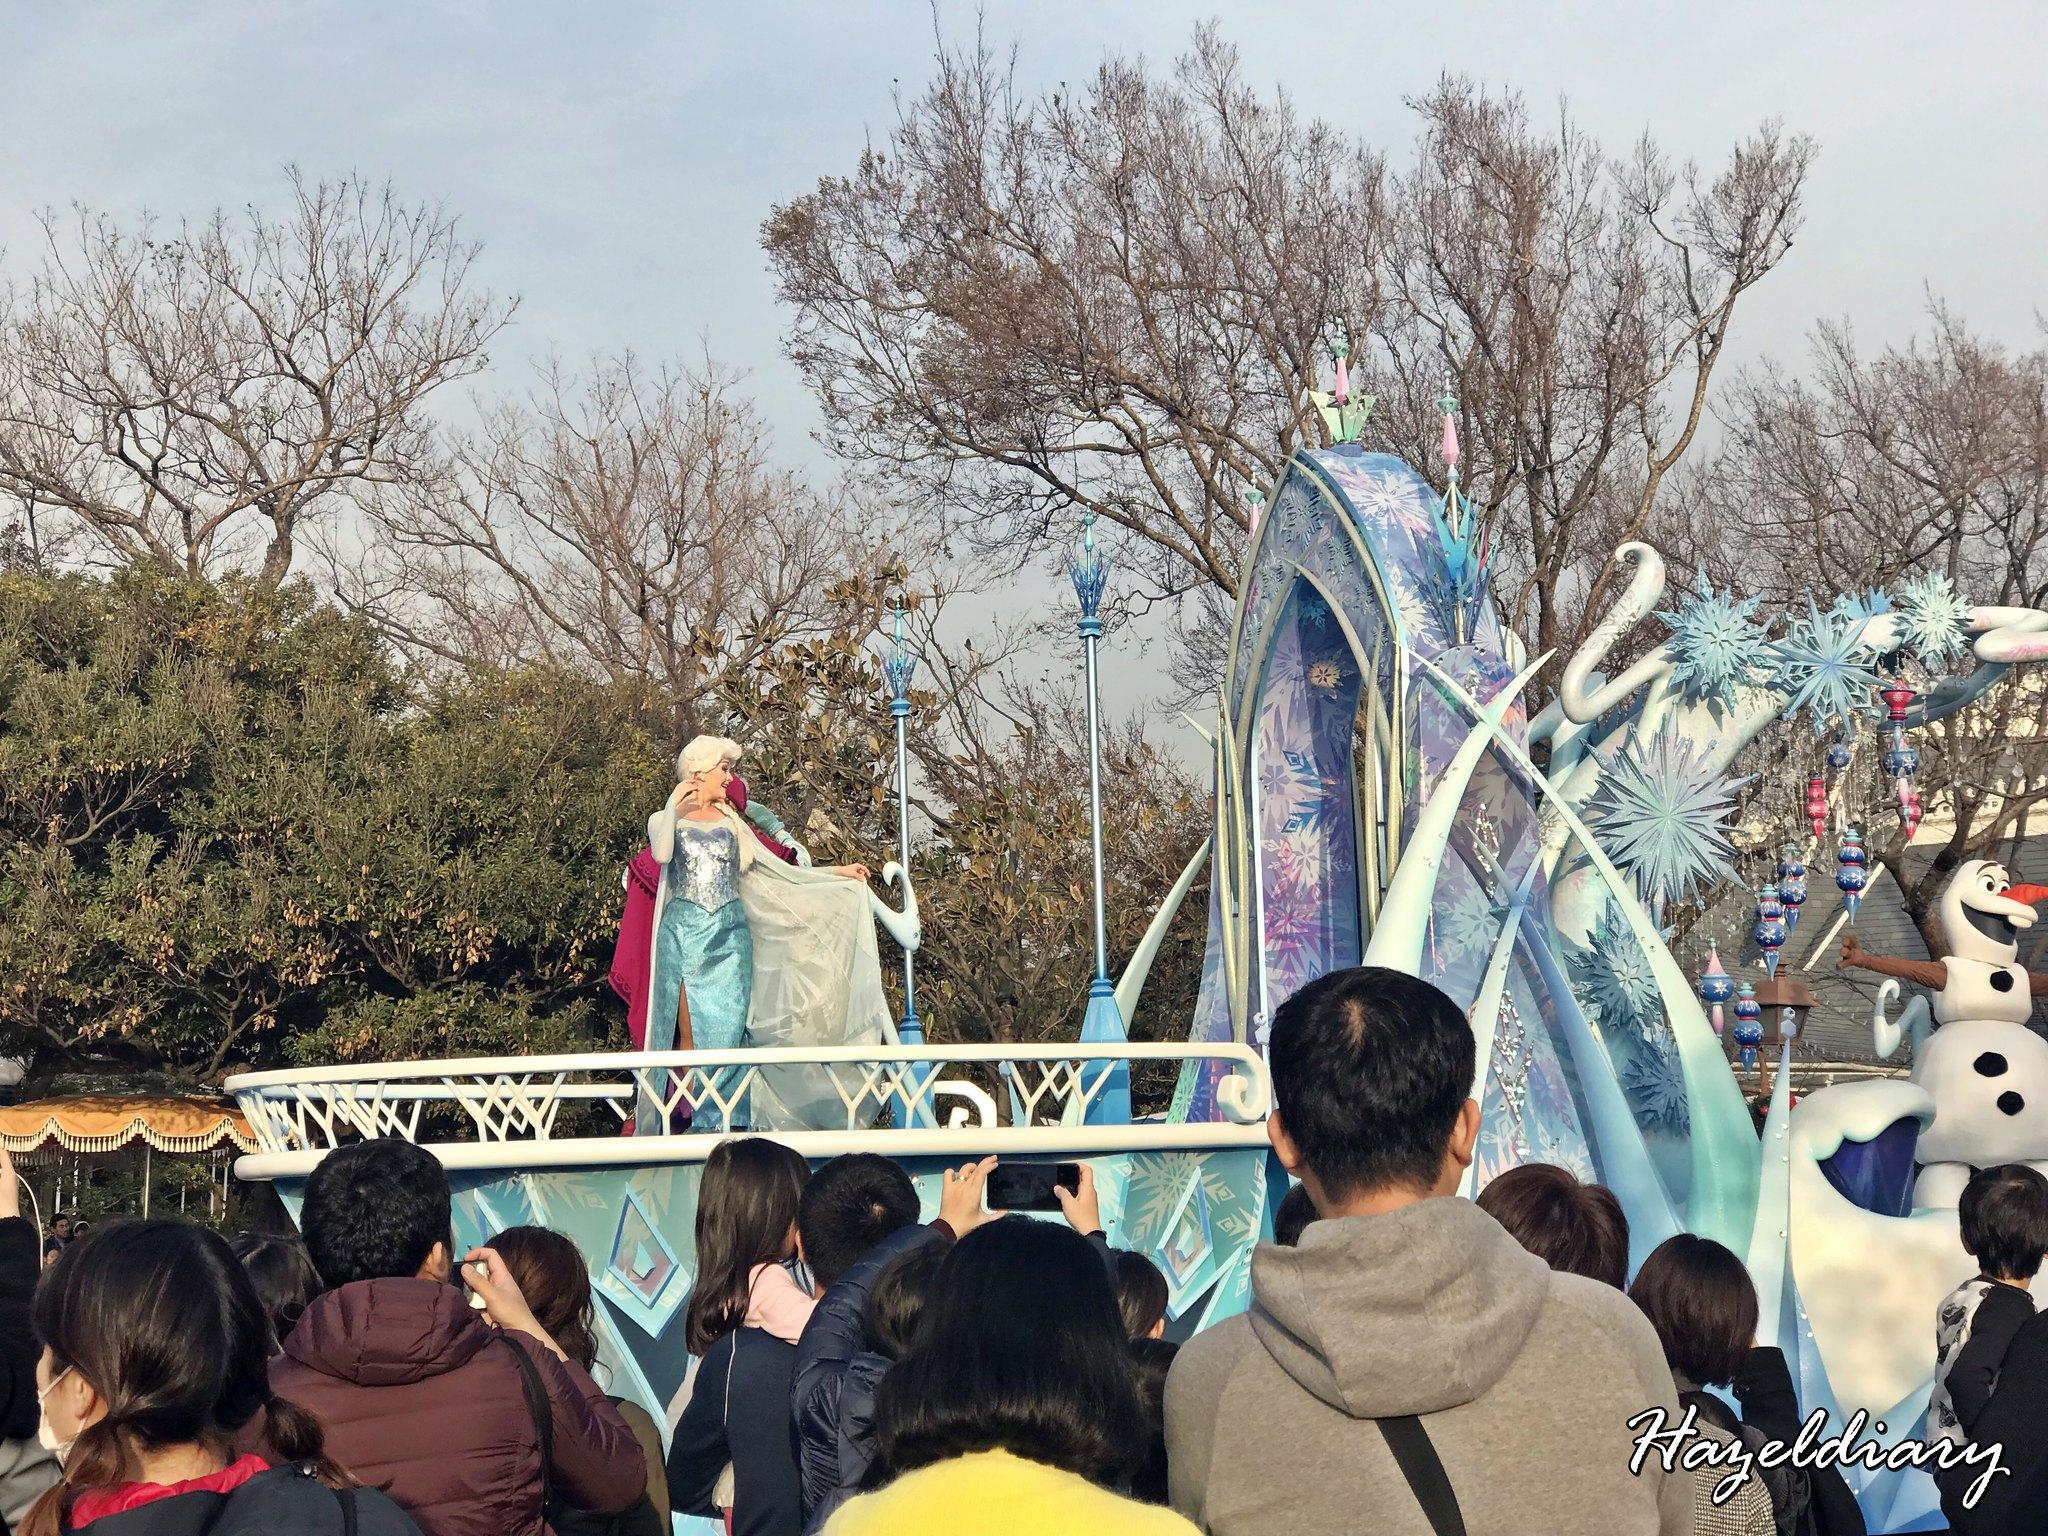 Tokyo Disneyland Japan-Parades